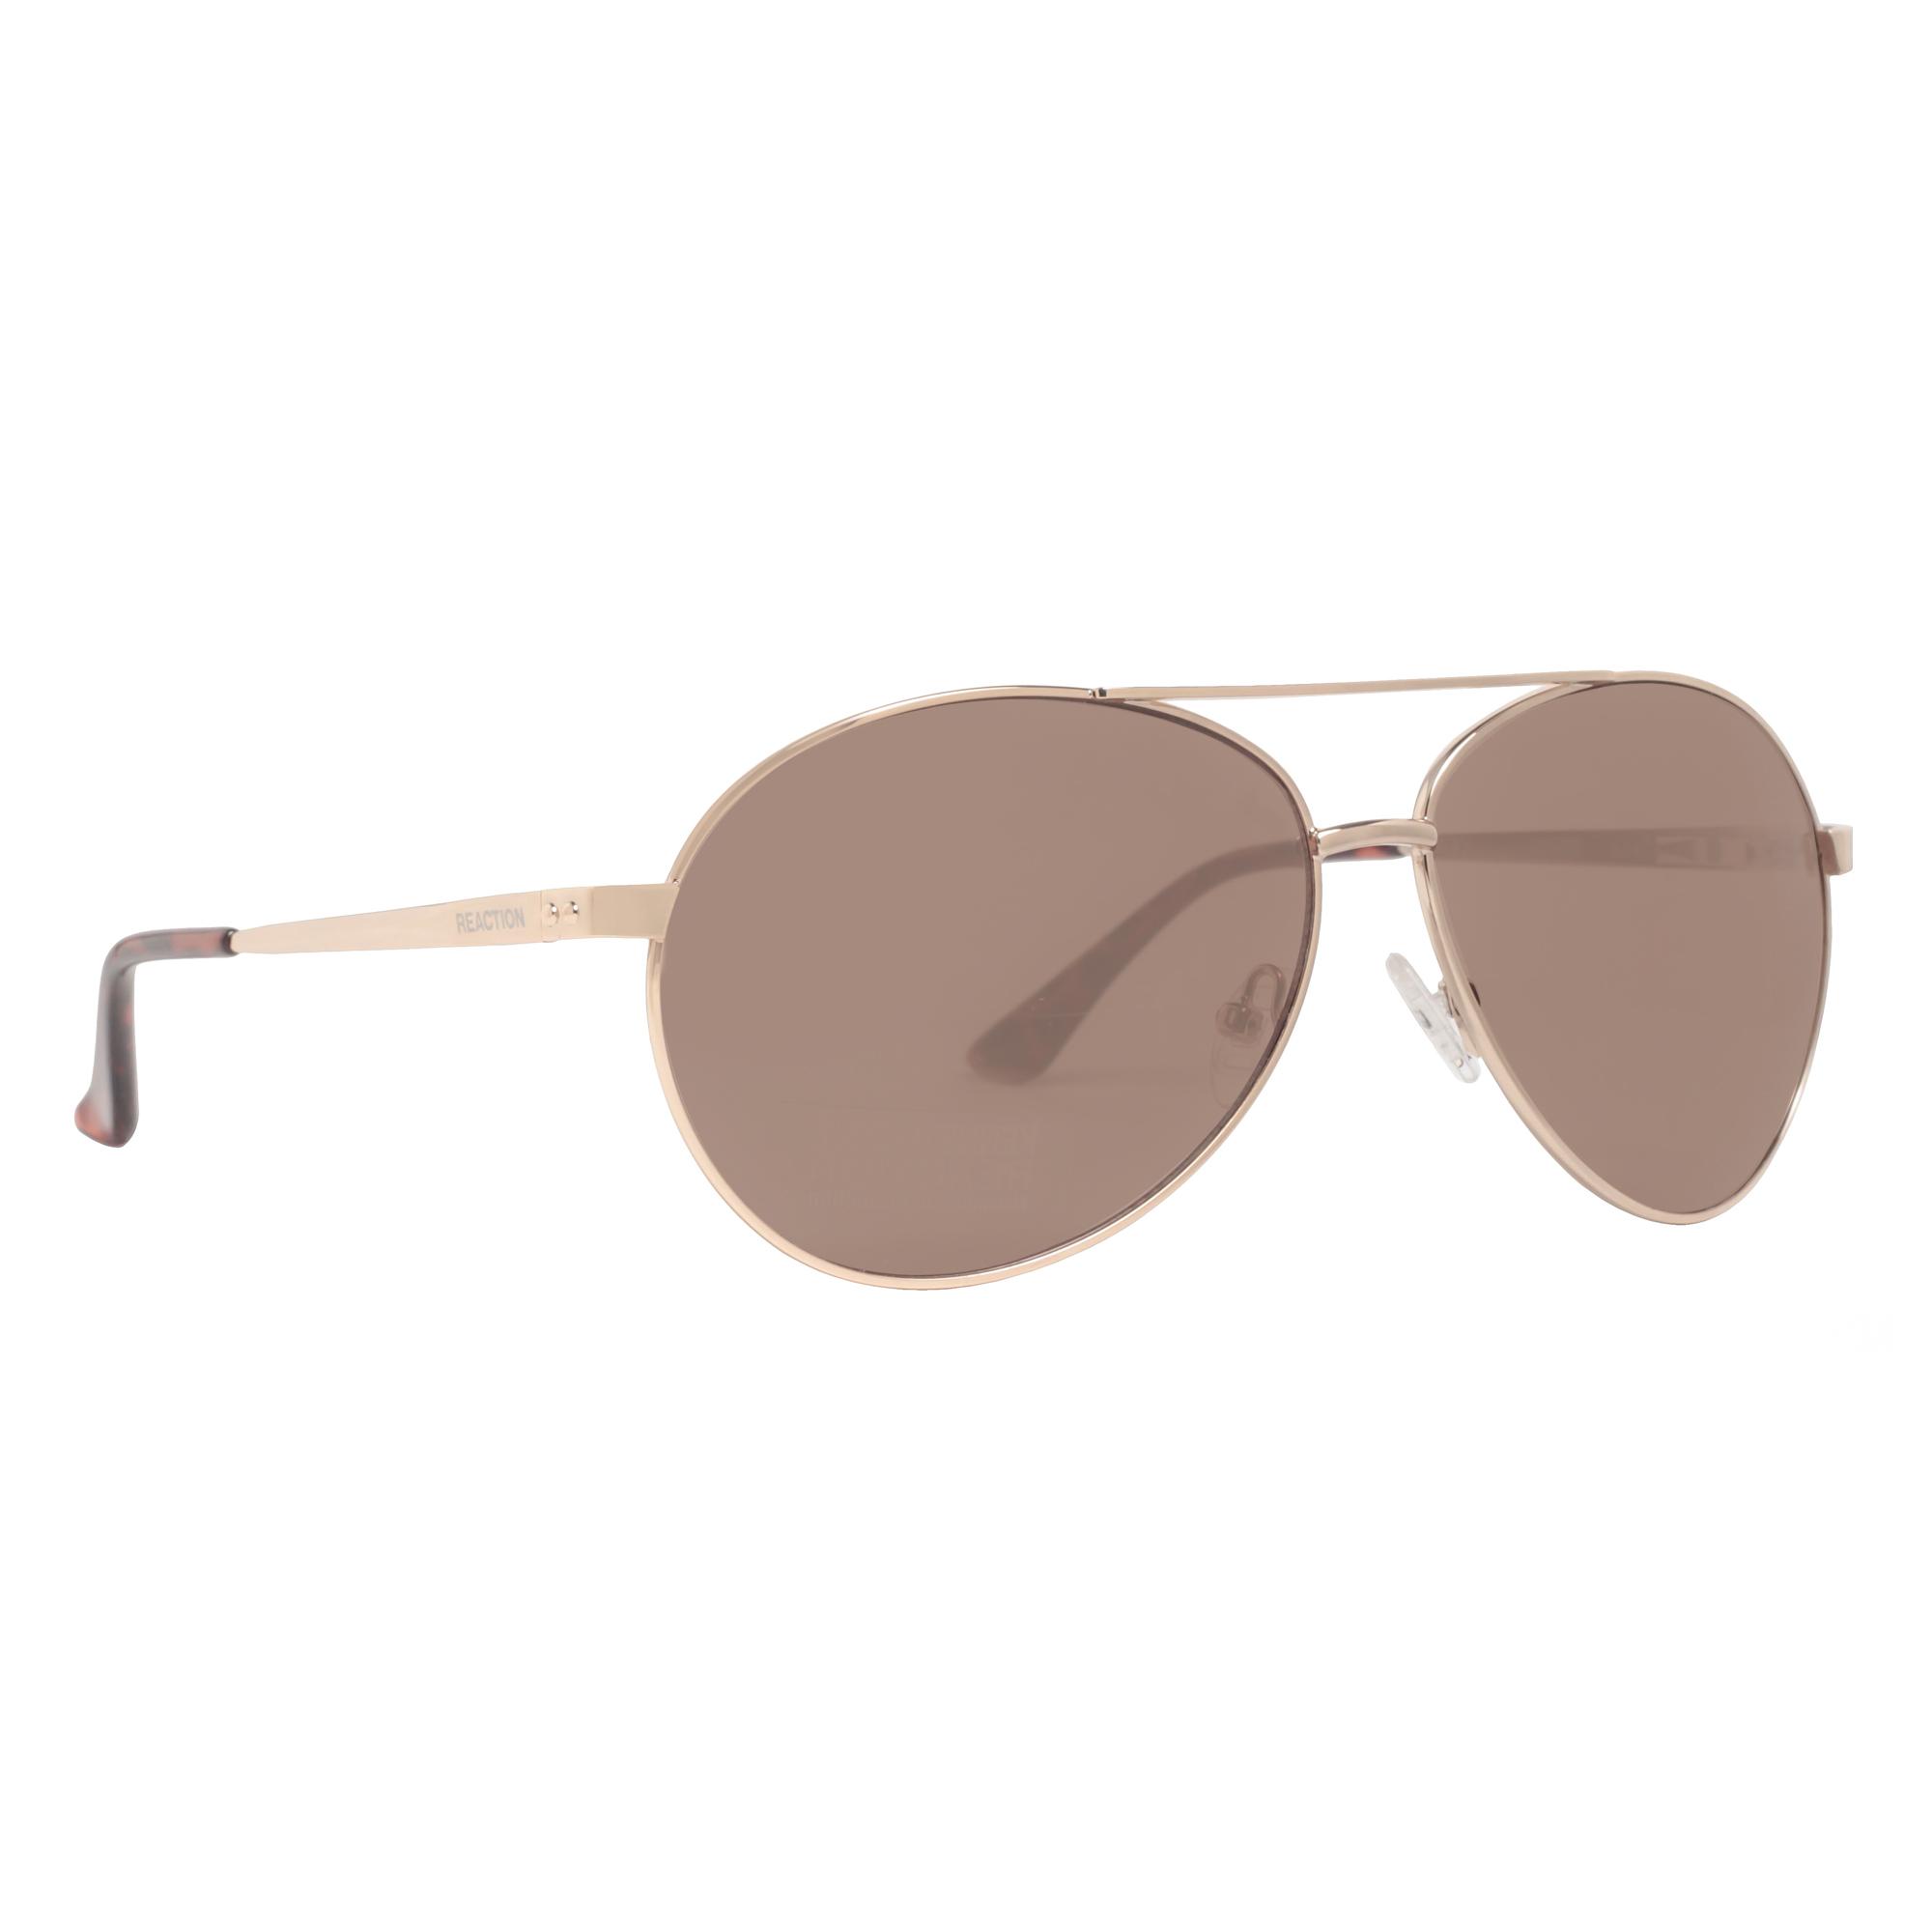 5dc0115a2a ... Men s Sunglasses Kenneth Cole Reaction Men s Sunglasses Kenneth Cole  Reaction Men s Sunglasses Kenneth Cole Reaction Men s Sunglasses Kenneth  Cole ...